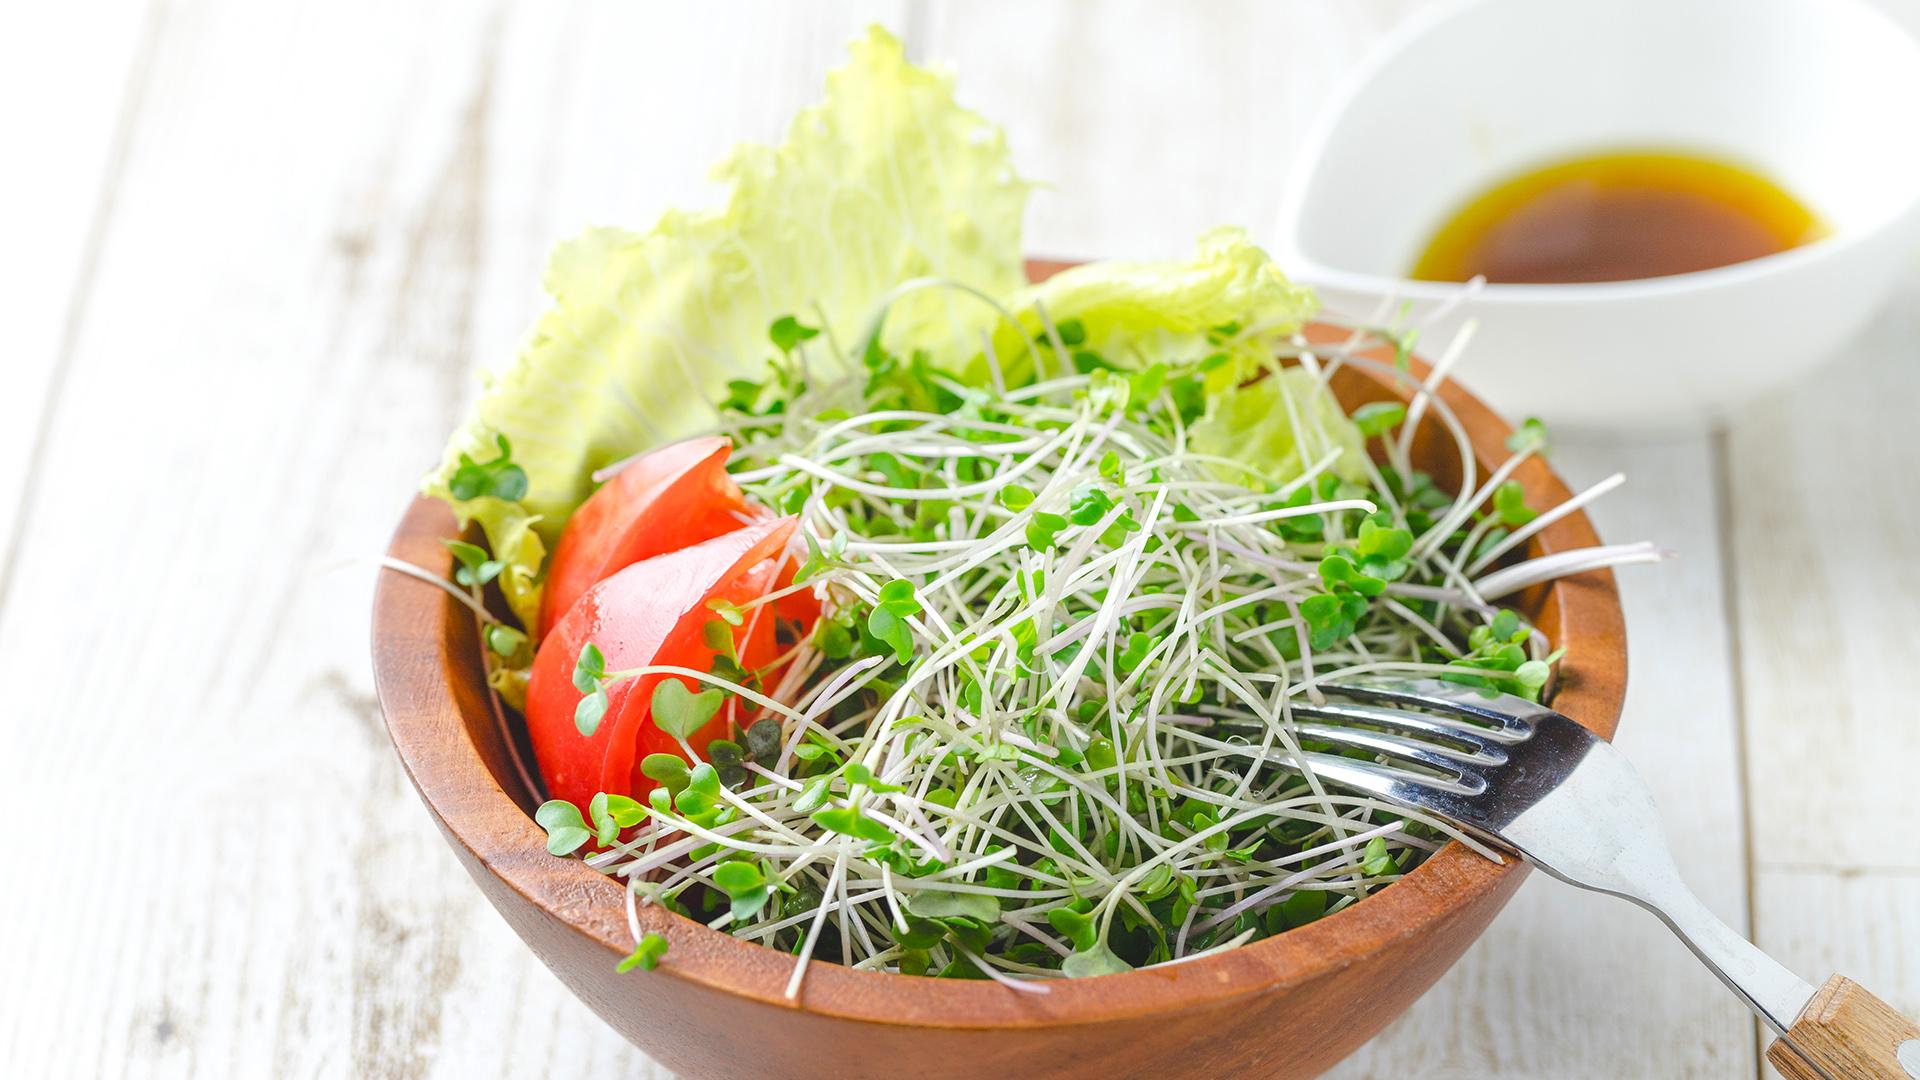 ブロッコリースプラウトの食べ方!スルフォラファンを効率よく摂取するには生がいい